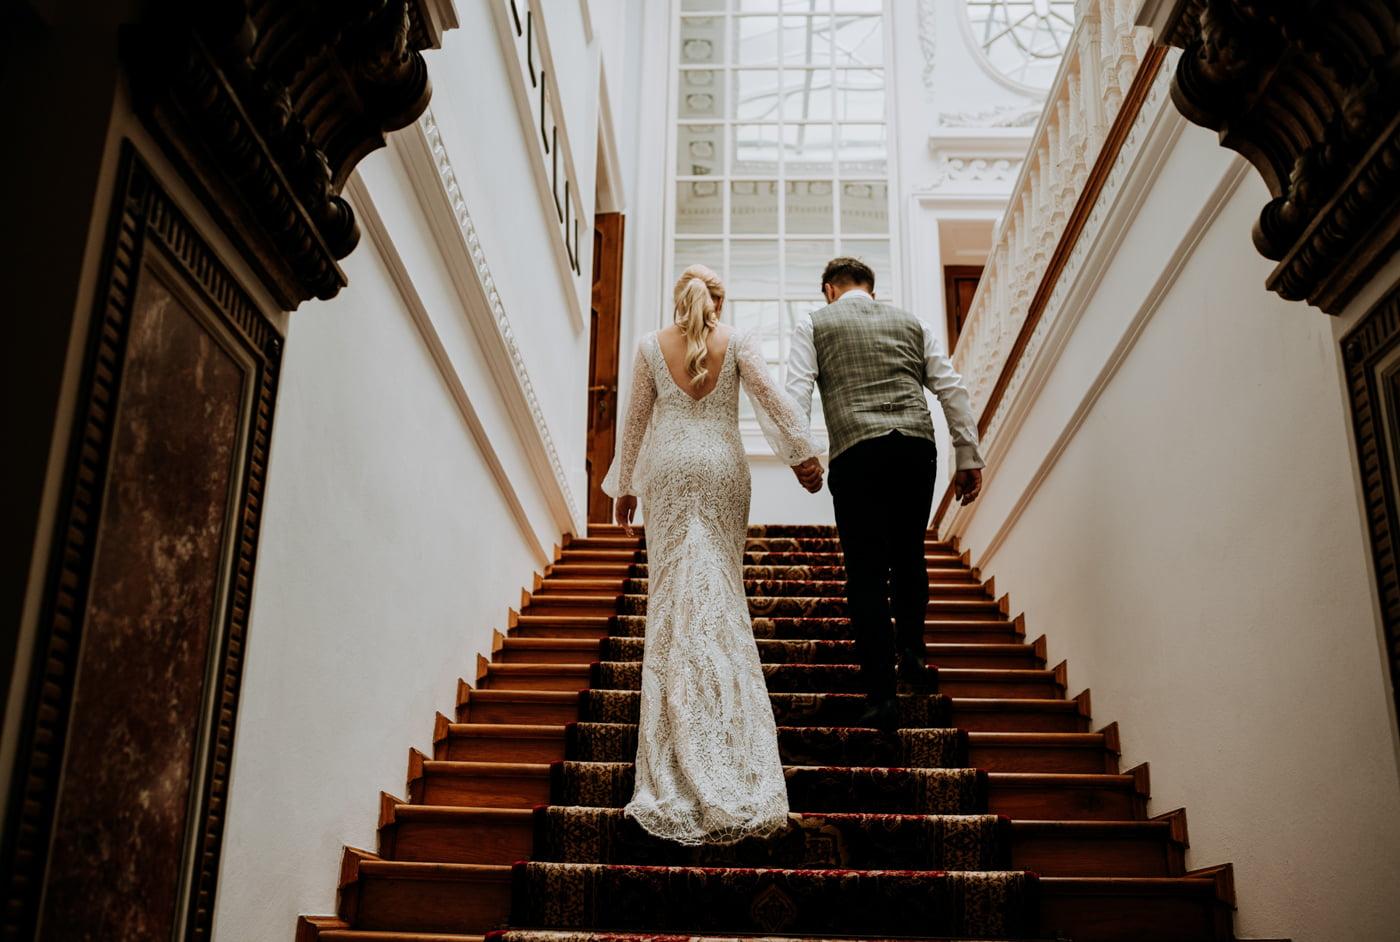 Sesja ślubna w Pałacu- Angelika i Kamil 2